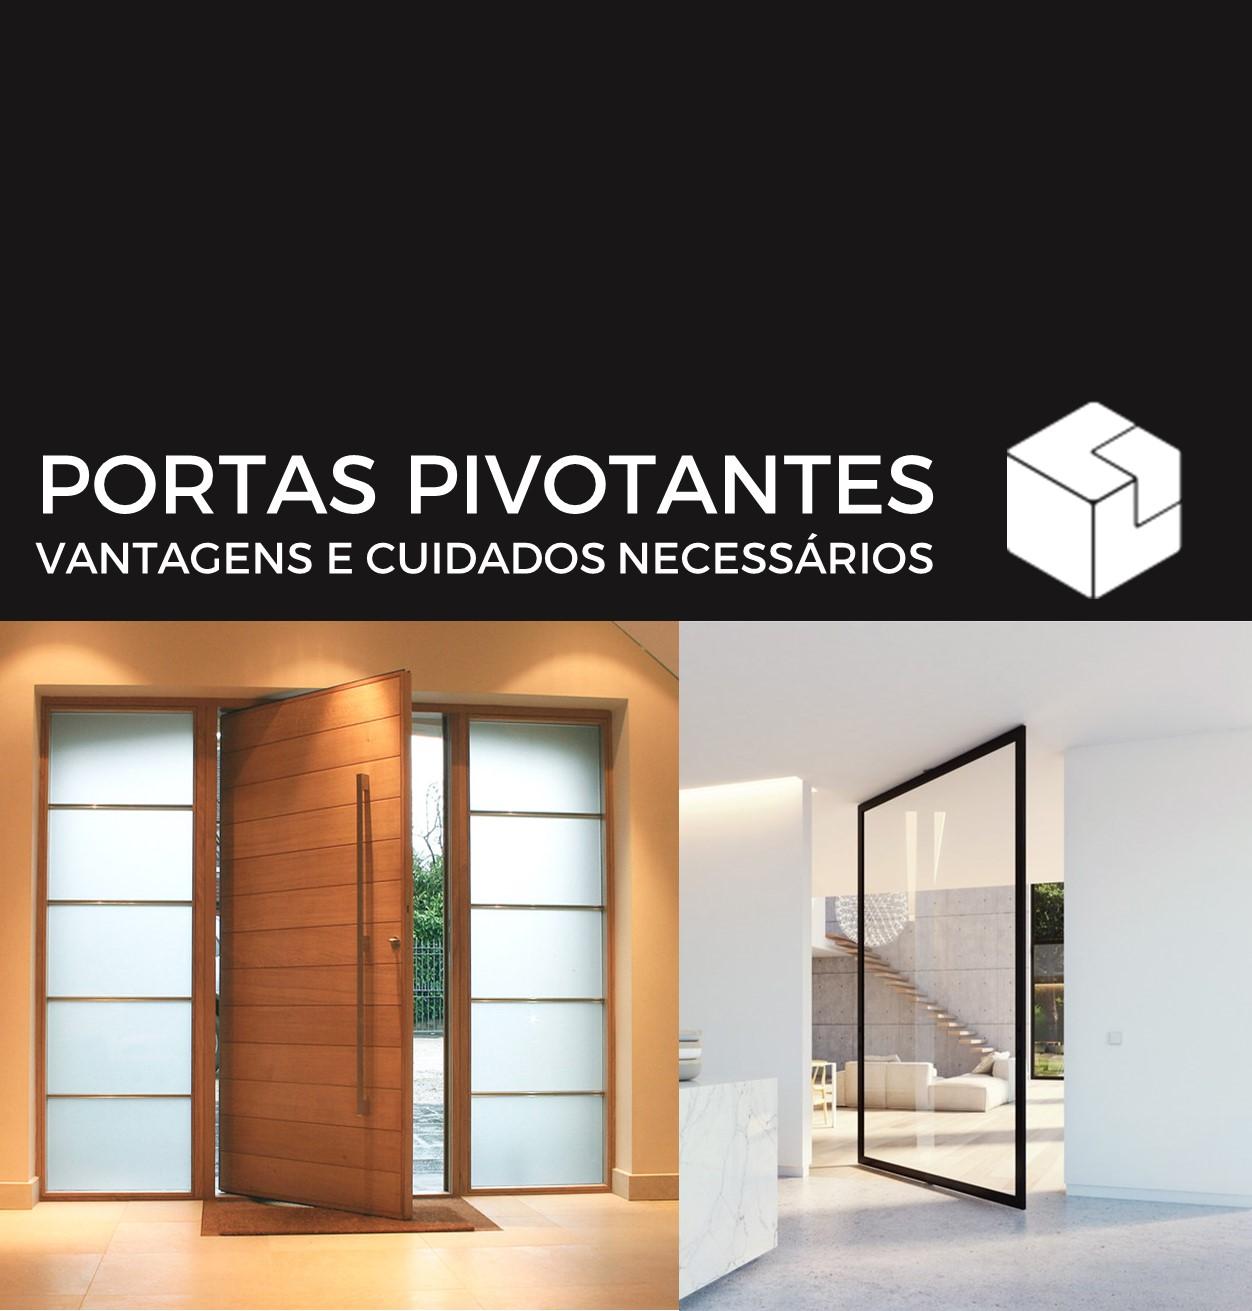 Portas Pivotantes - Vantagens e cuidados necessários